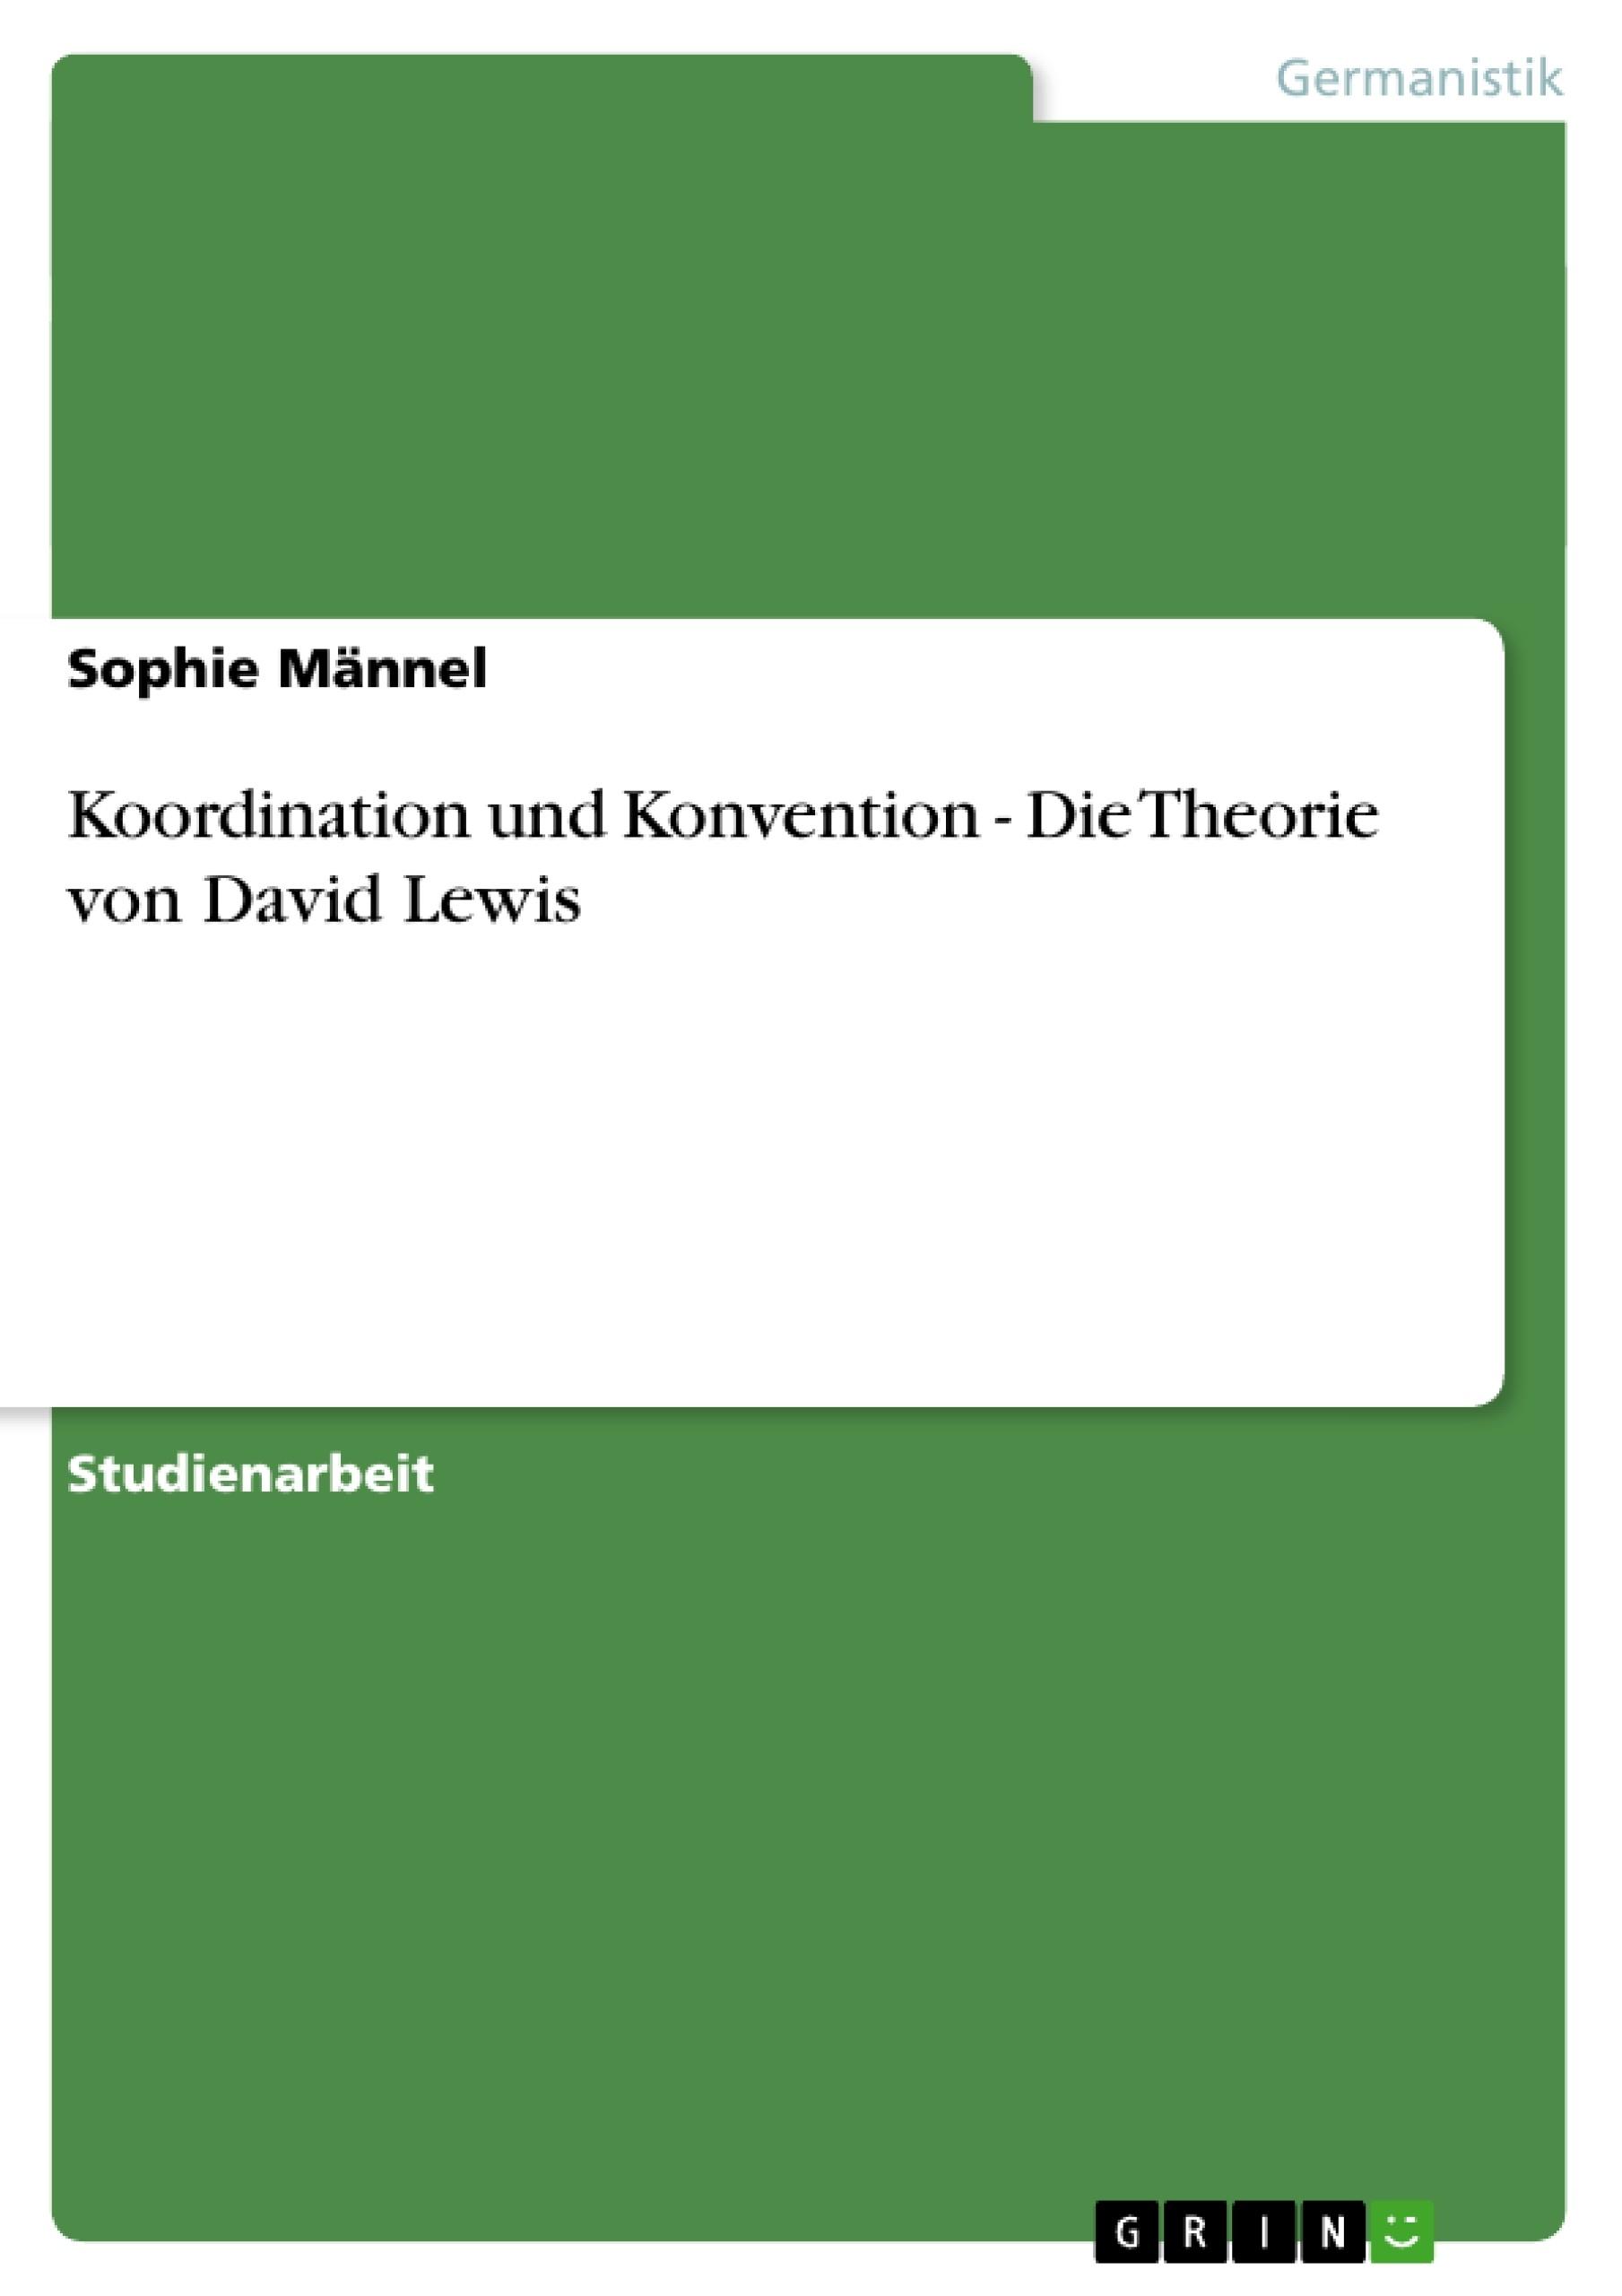 Titel: Koordination und Konvention - Die Theorie von David Lewis